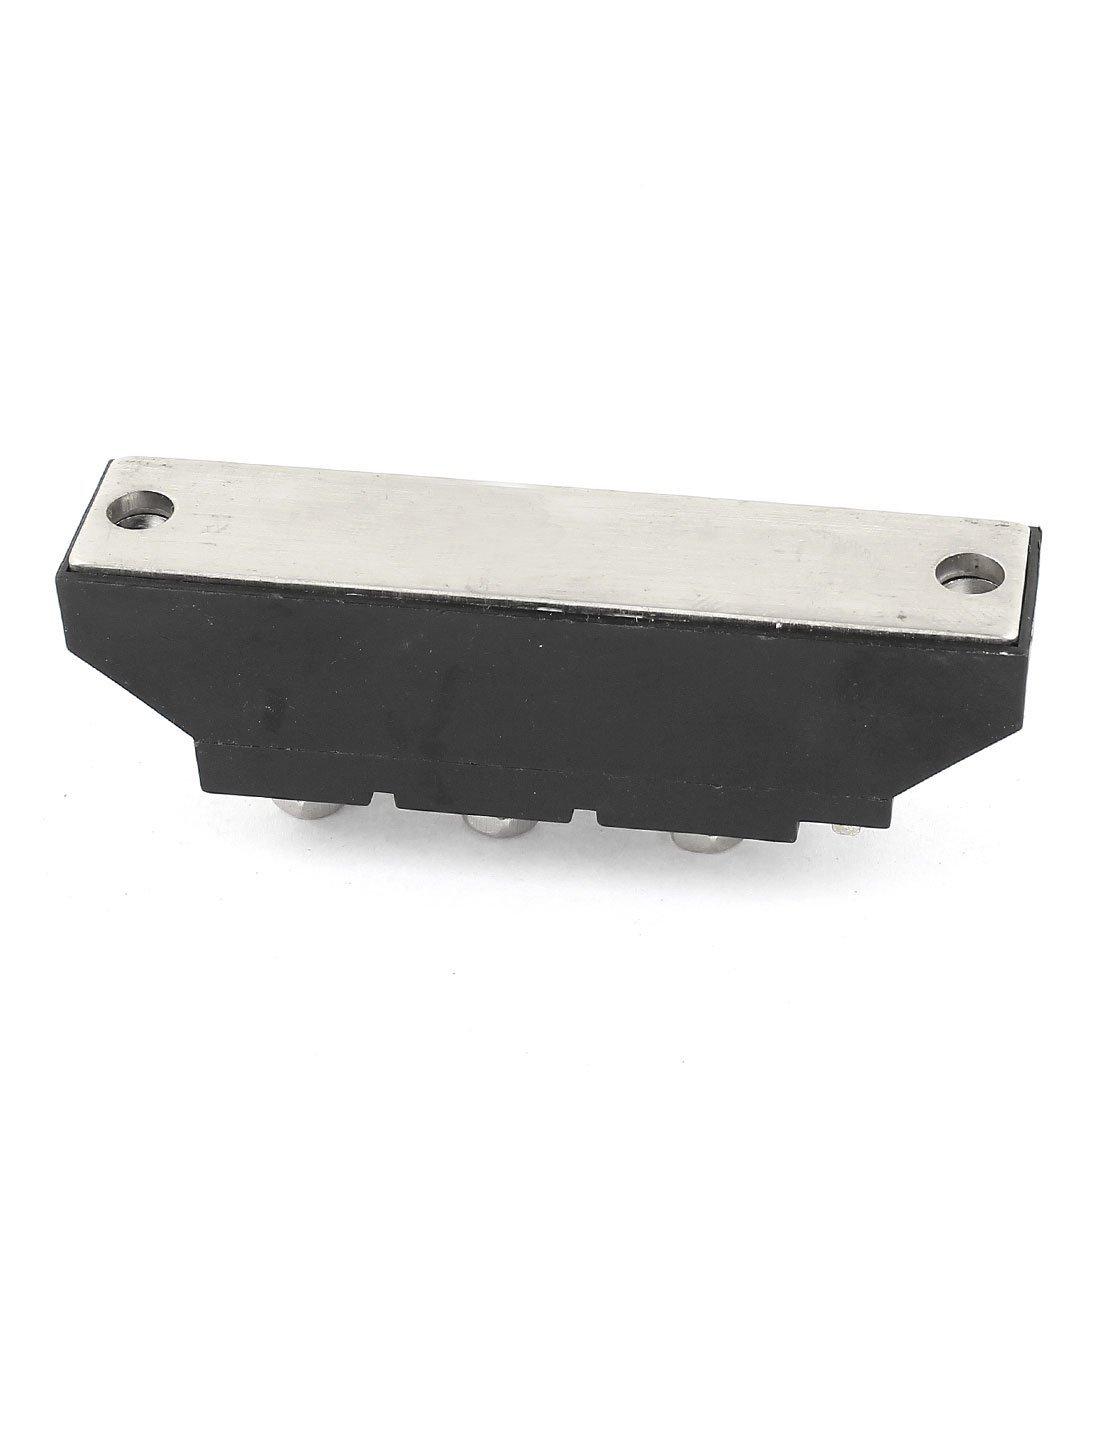 Silicon Thyristor Module MTC Contrôlé 55A 1600V MTC-55A